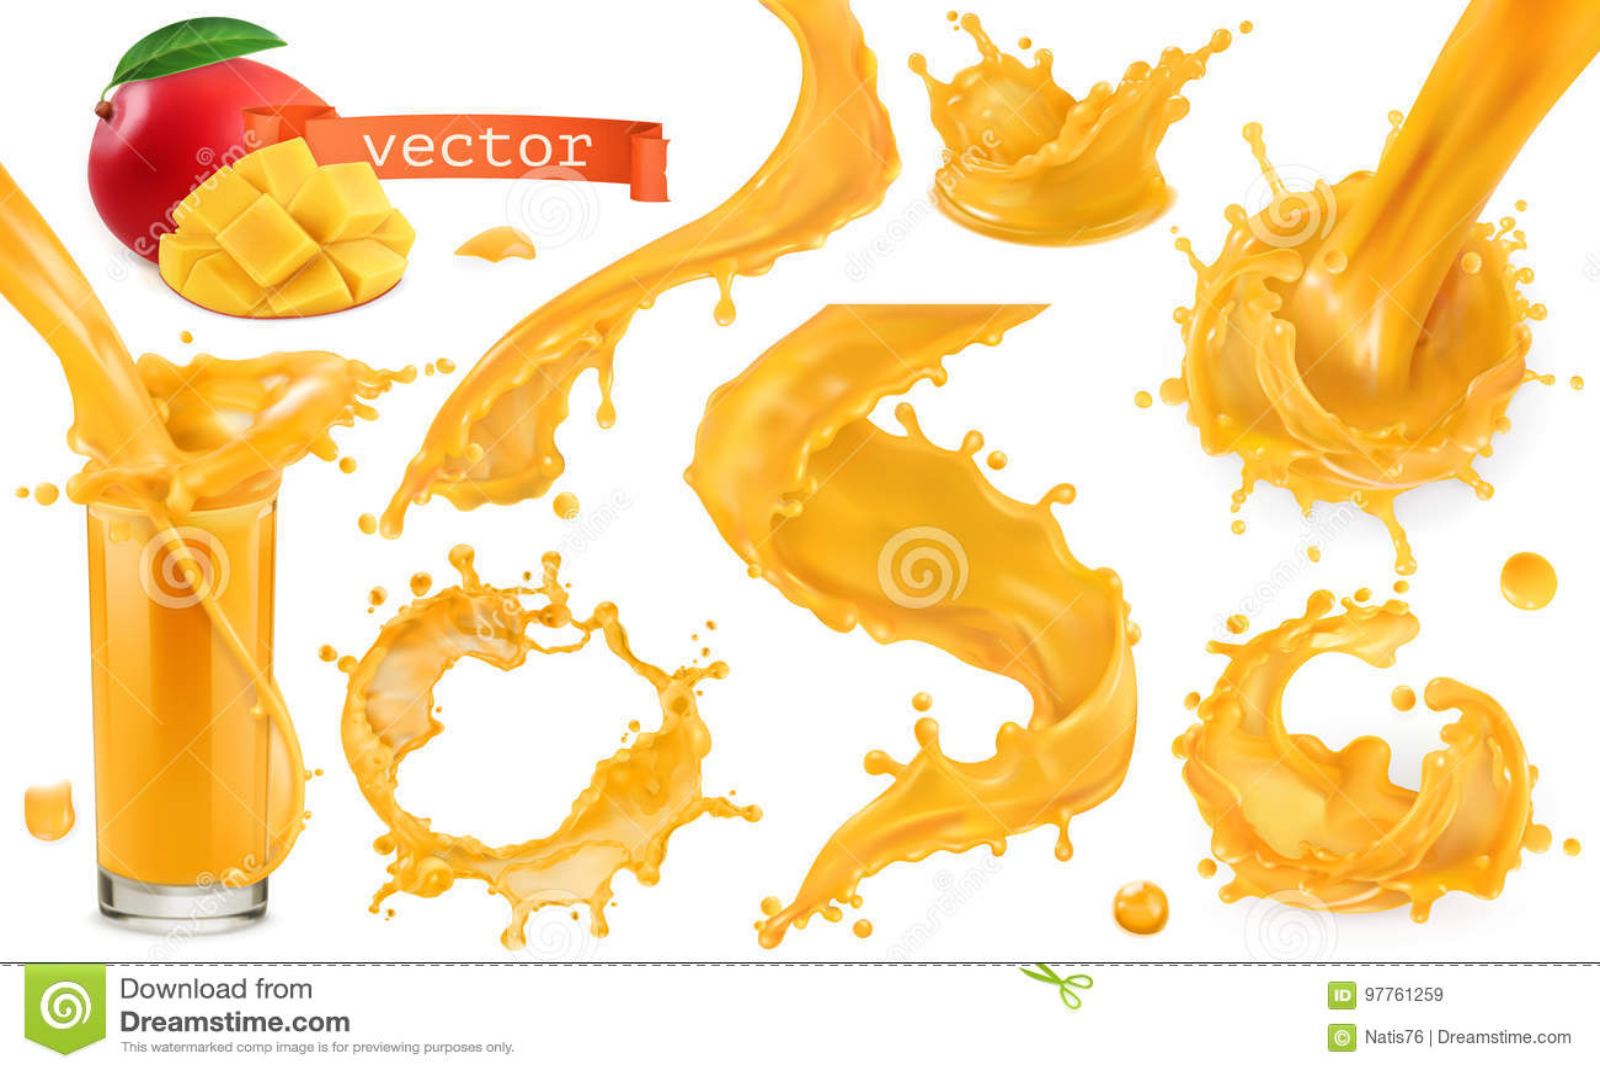 橙色油漆飞溅 芒果,菠萝,木瓜汁 纸板颜色图标图标设置了标签三向量